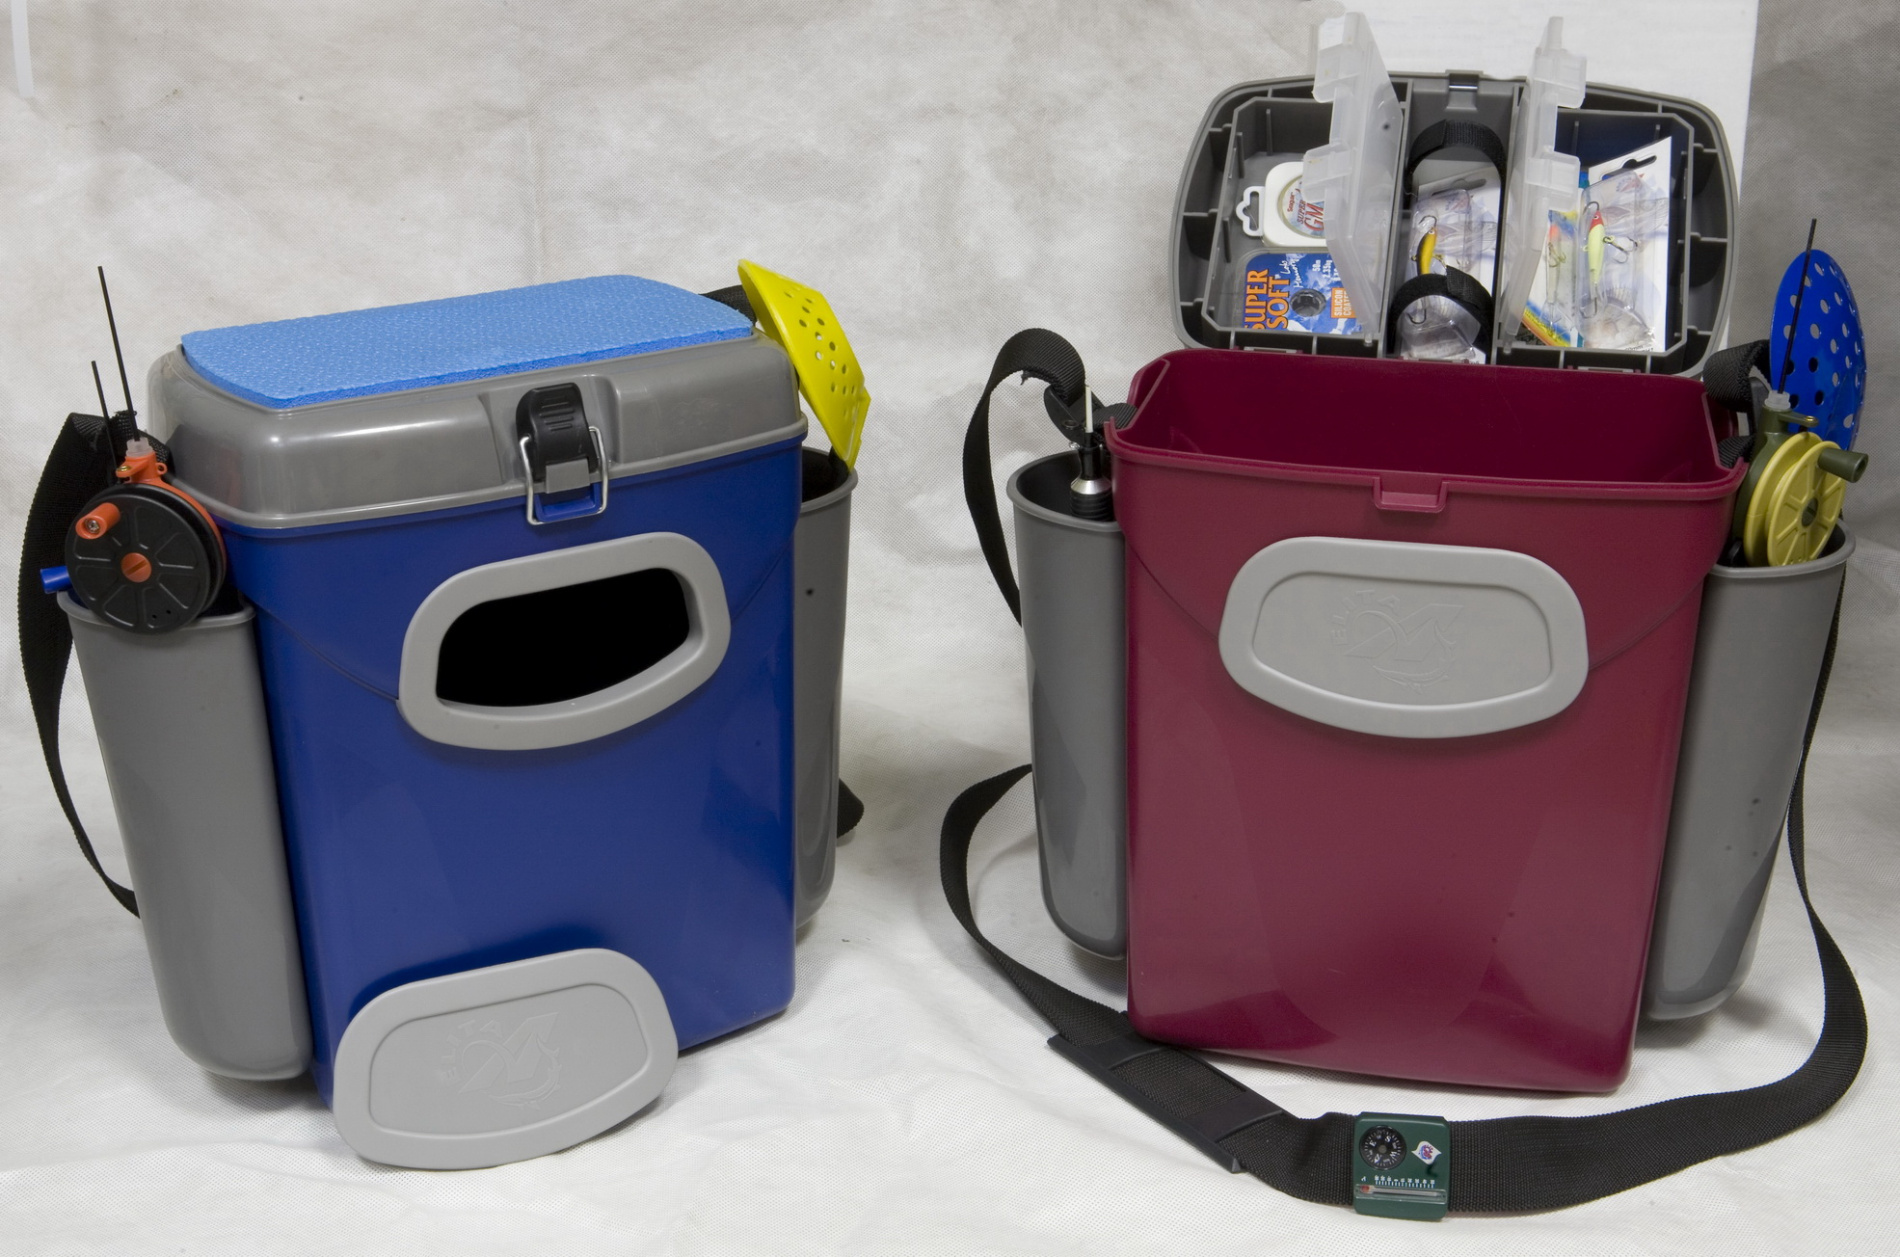 Ящик рыболова A-elita МАЛЫЙ (пластик,органайзер,отдел. Ящики рыболова<br>Рыболовный зимний ящик A-elita Sport. Морозо <br>и ударостойкий ящик из прочного полиэтилена, <br>не впитывающего и не пропускающего воду. <br>Ящик легко отмывается и не удерживает неприятные <br>запахи. Пенополиуретановая пластина на <br>крышке ящика обеспечивает комфортное сидение. <br>Ремень для переноски легко регулируется <br>по длине и не сползает с плеча. Два съемных <br>боковых кармана для удочек, центральное <br>отверстие для хранения рыбы. Размер: длина <br>250 мм; ширина 170 мм; высота 350 мм Вес: 1,6кг<br>